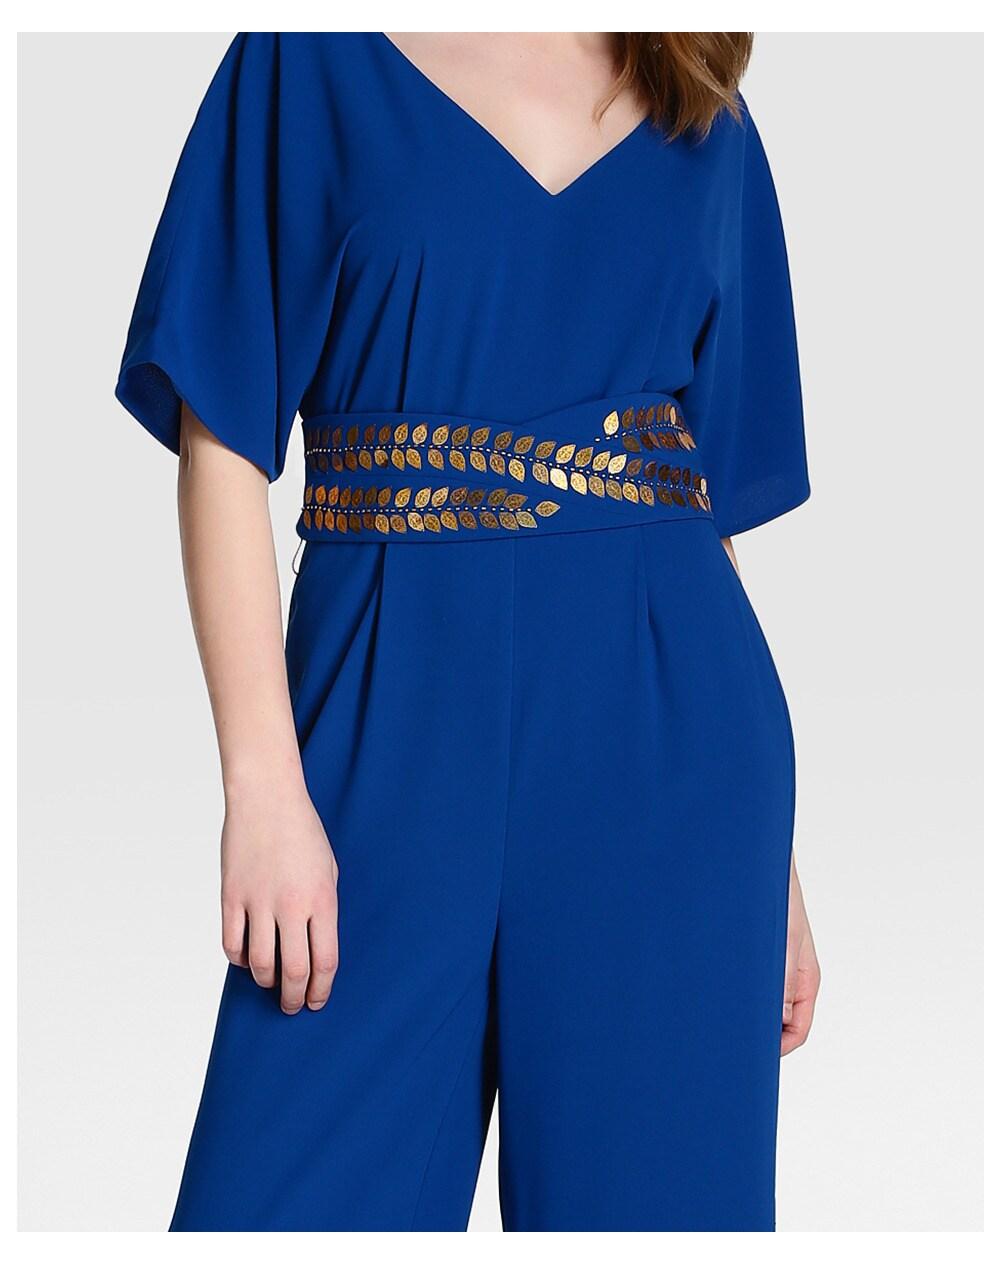 Combinaison de soir e femme tintoretto manches chauve souris avec ceinture ebay - Combinaison de soiree ...